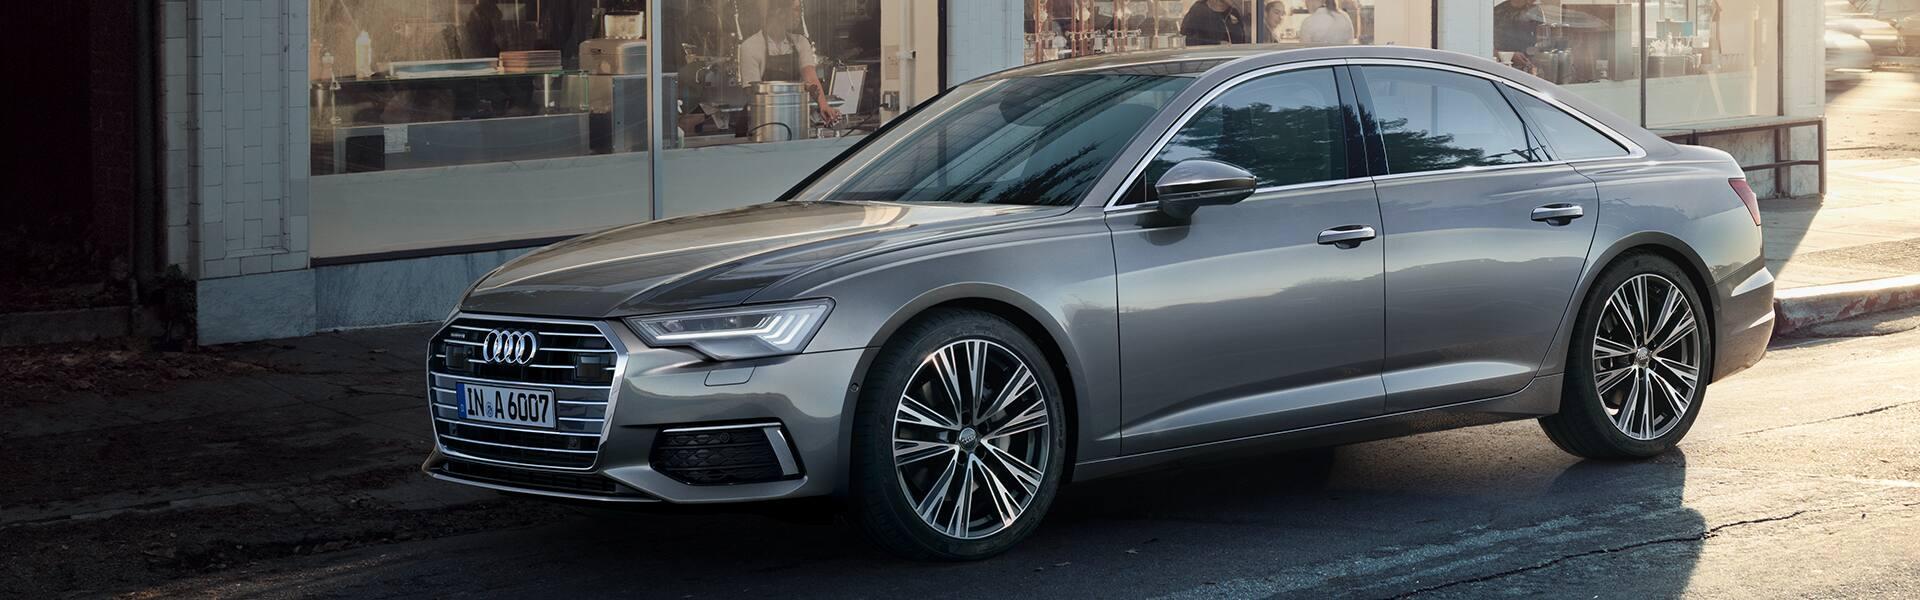 The New A Saloon A Audi Ireland - A6 audi